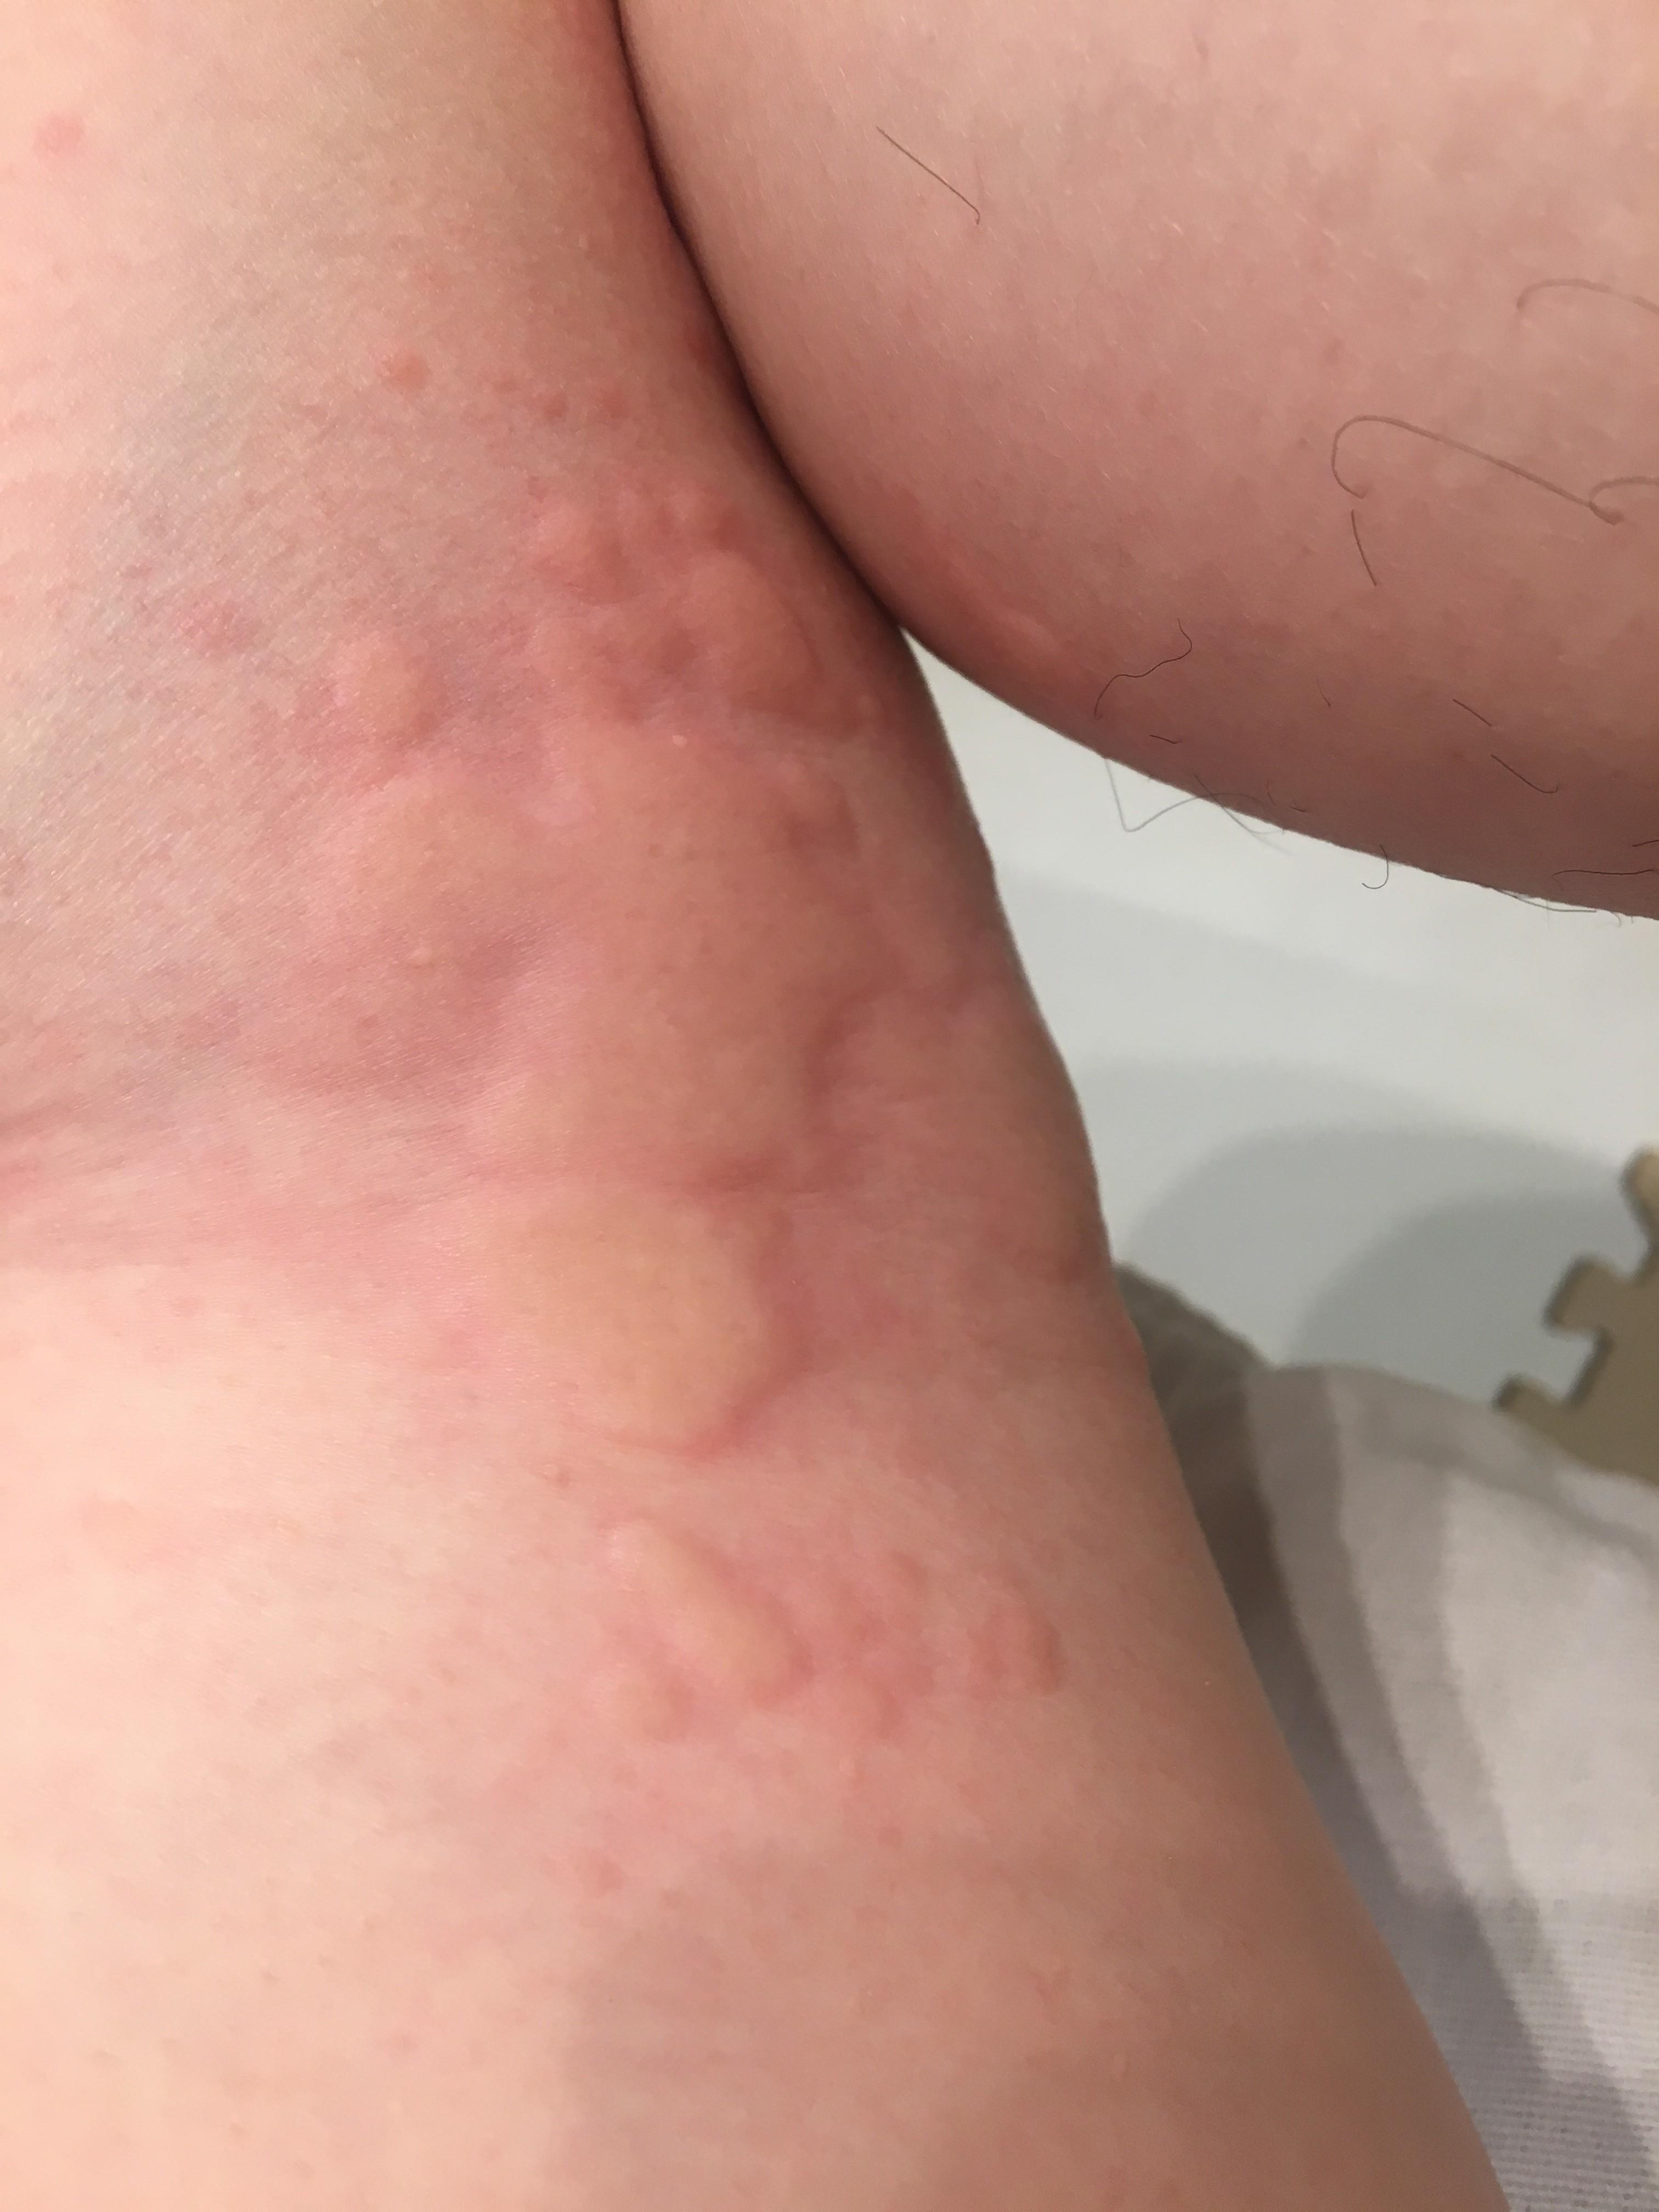 蚊 に 刺され た よう な 腫れ